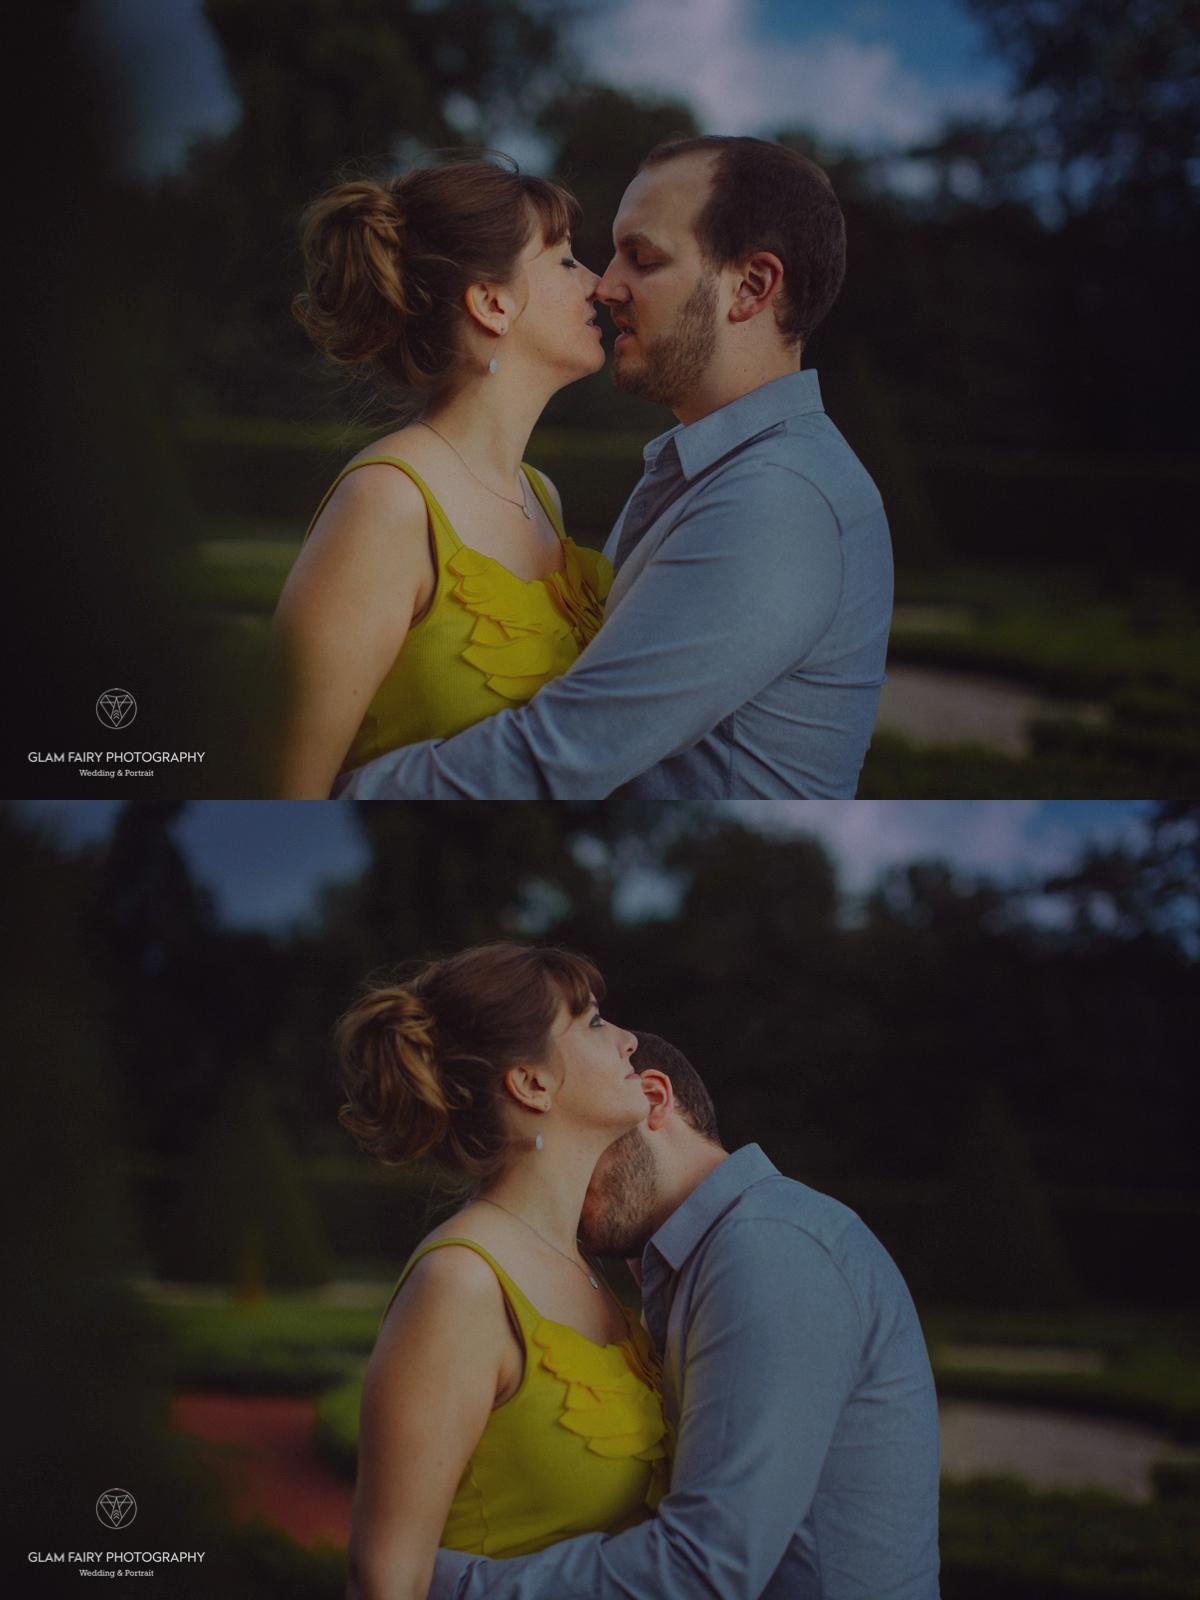 glamfairyphotography-seance-photo-couple-parc-de-sceaux-ophelie_0012